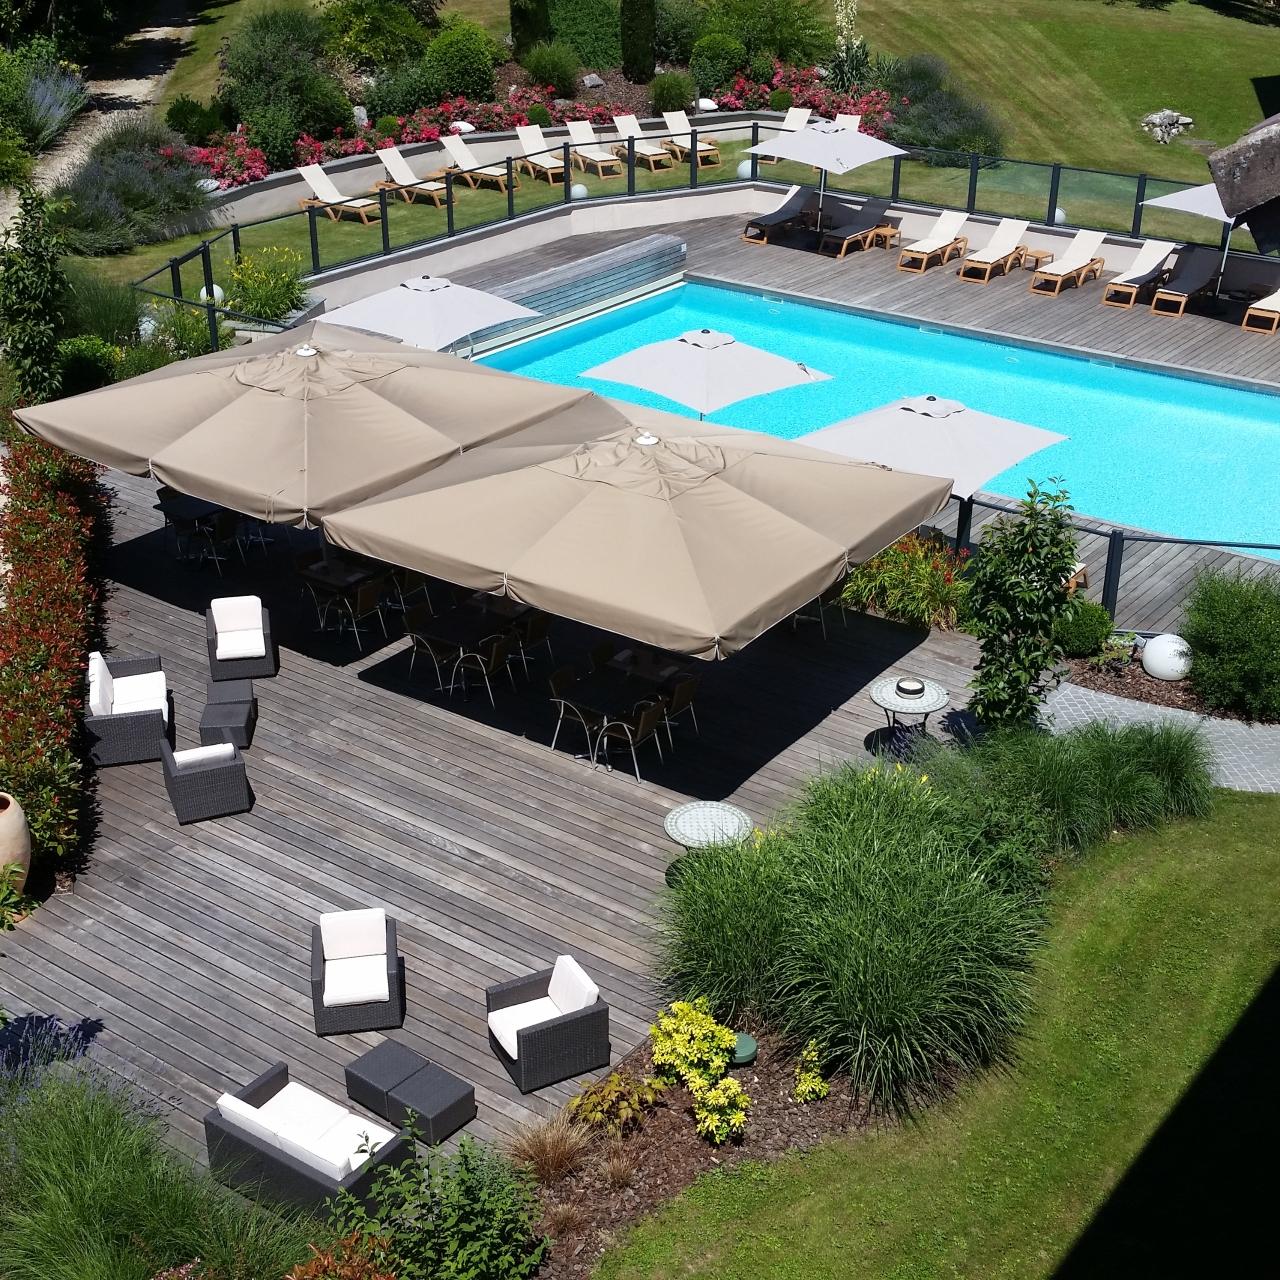 Residence Hoteliere La Réserve Genève Ferney - 4 Hrs Star ... concernant Piscine Ferney Voltaire